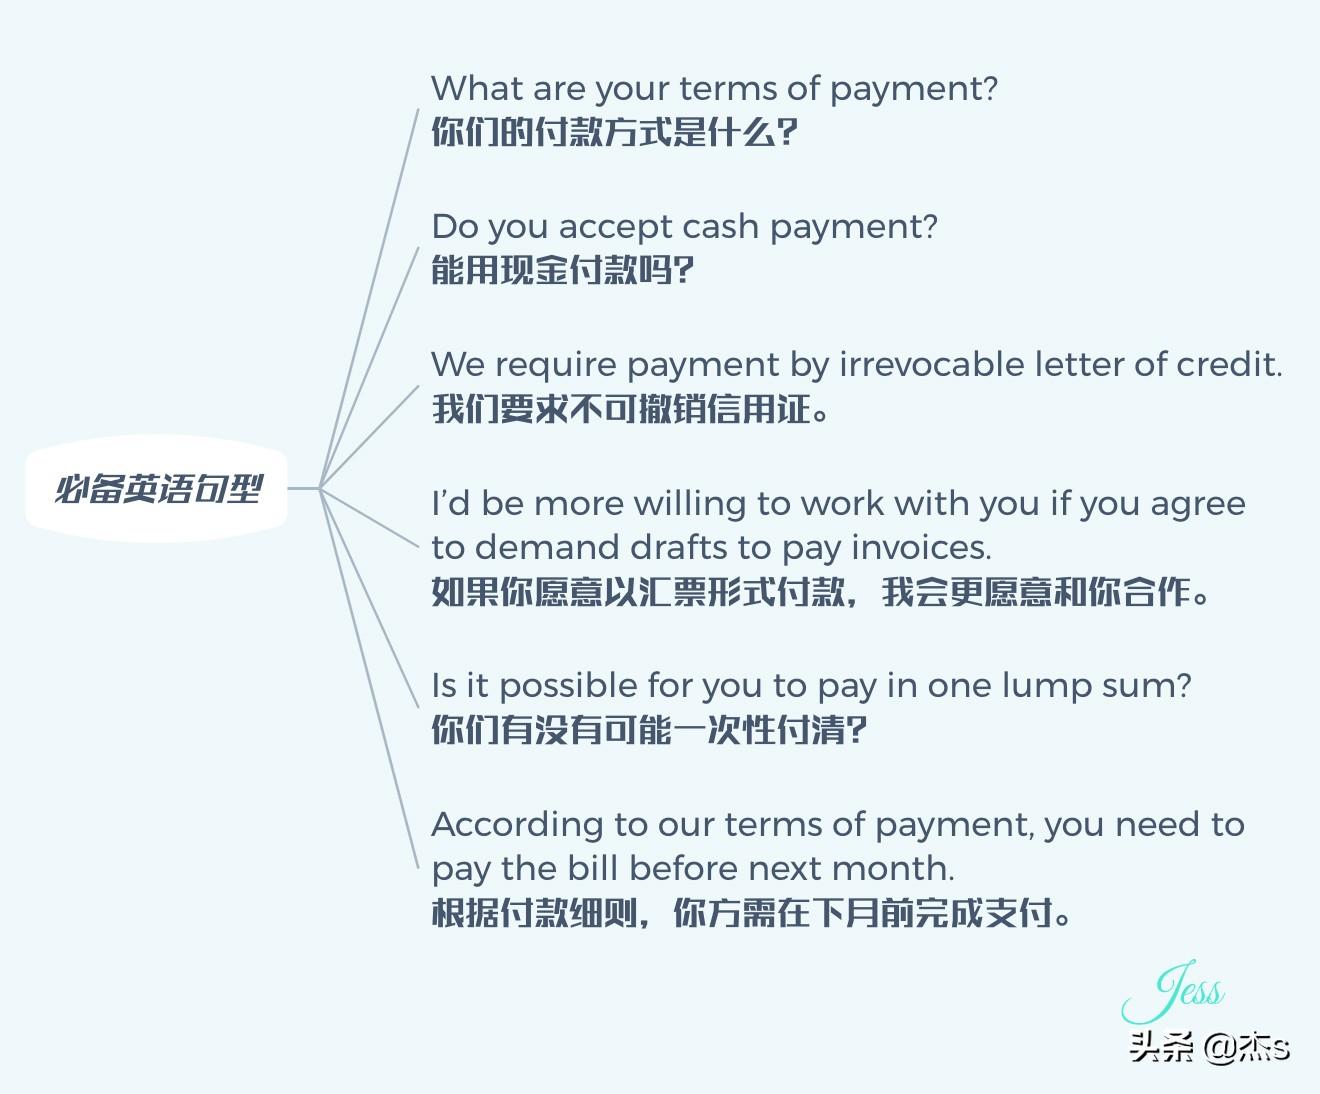 国际贸易付款方式有哪几种(国际贸易支付方式有哪些)